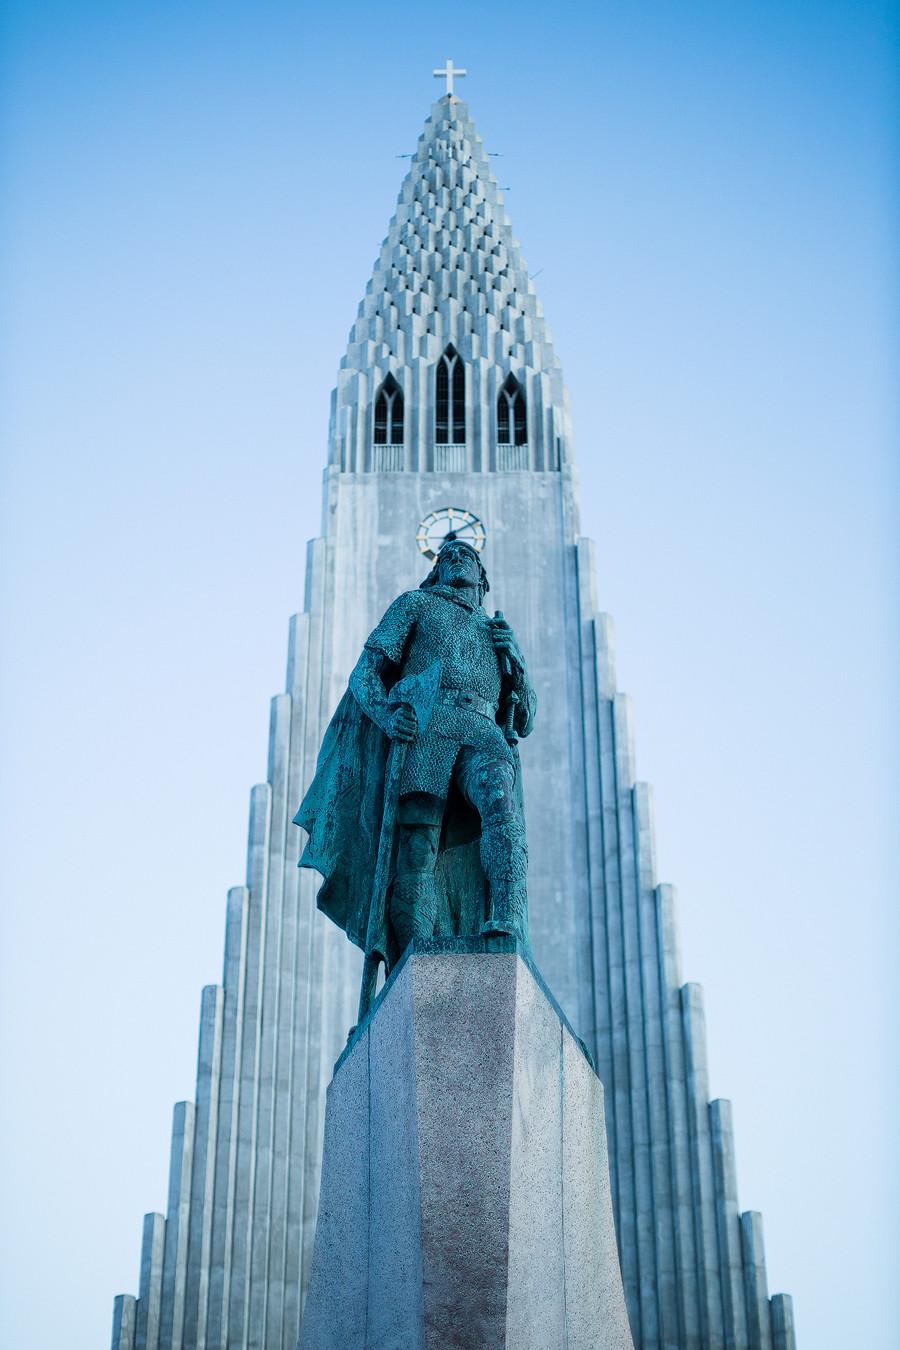 Reykjavik: Was für eine ereignisreiche Woche! Aus Fotografensicht habe ich selten so eine höhepunktjagende Zeit erlebt wie in Island. Nun kann ich es sagen: Island ist zu Recht ein so beliebter Ort unter Fotograf*innen. Es ist überwältigend!